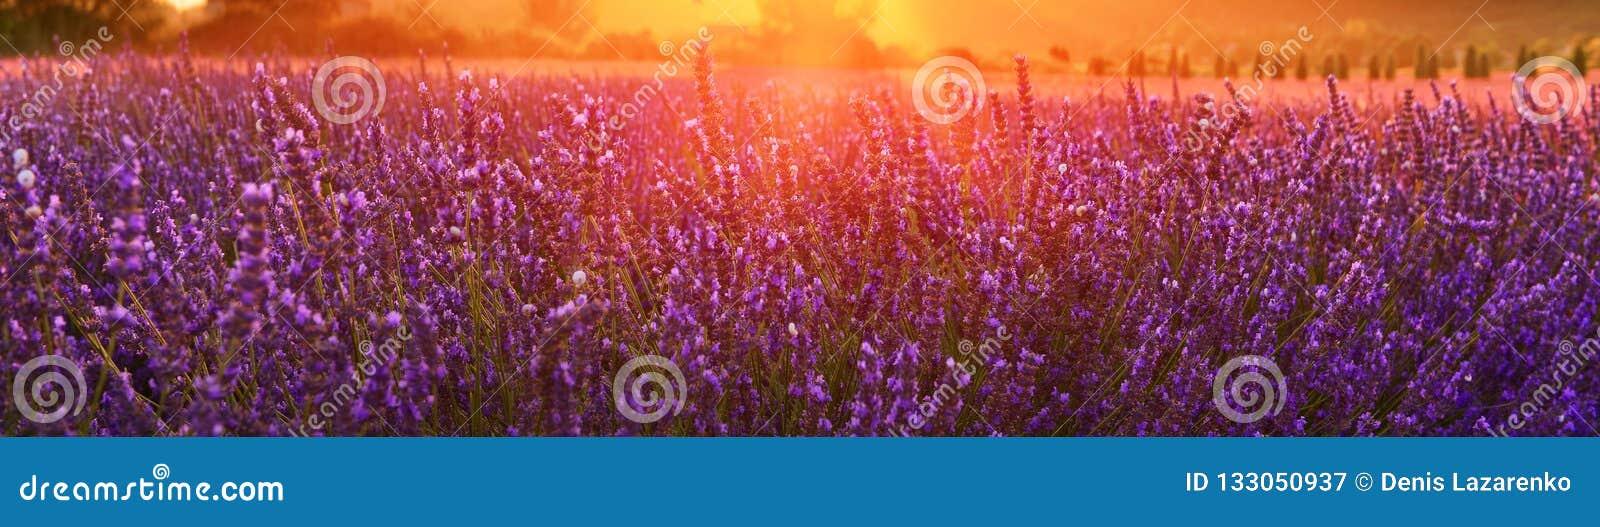 Зацветая лаванда летом на заходе солнца, Провансаль, Франция